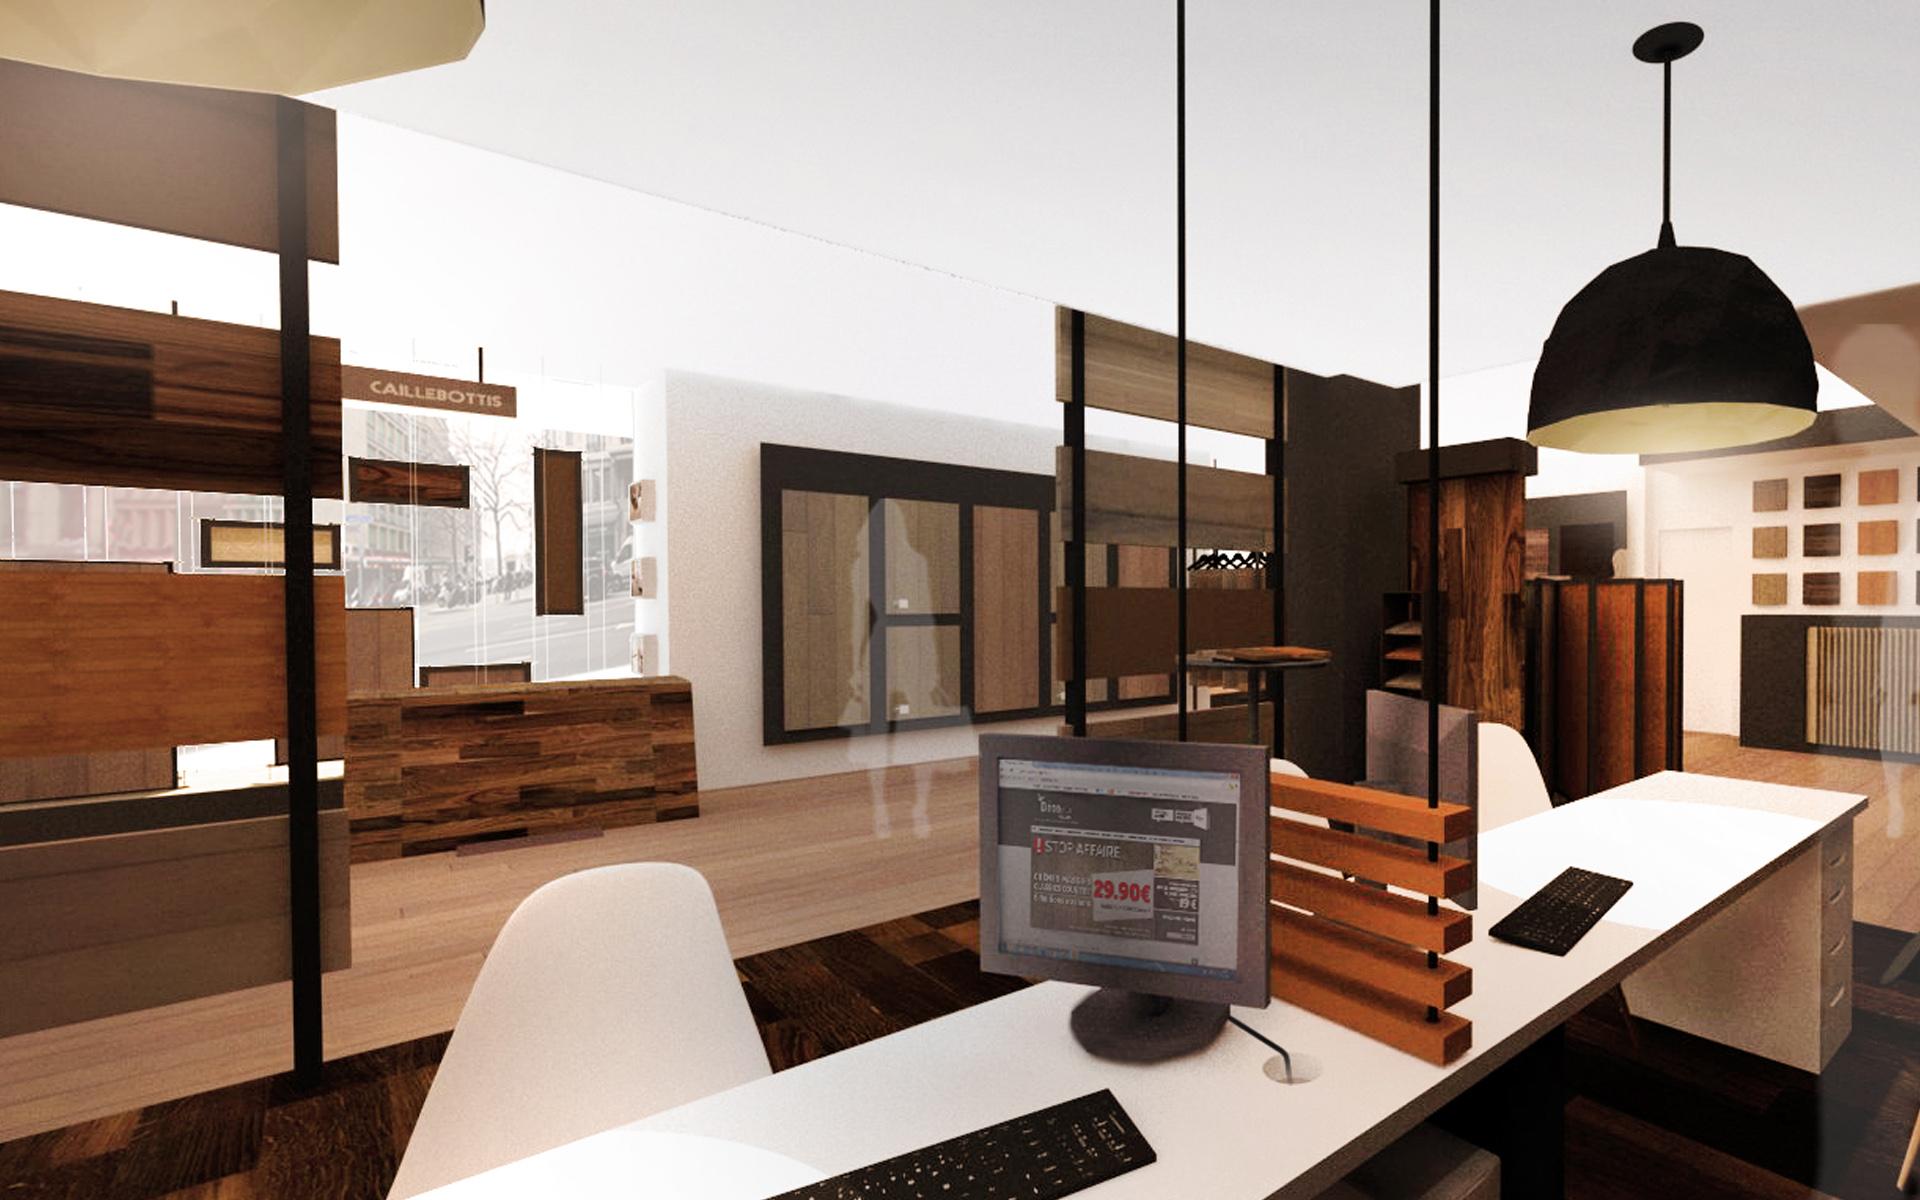 boutique de parquet gen ve red banana studio concepteur d 39 int rieur. Black Bedroom Furniture Sets. Home Design Ideas